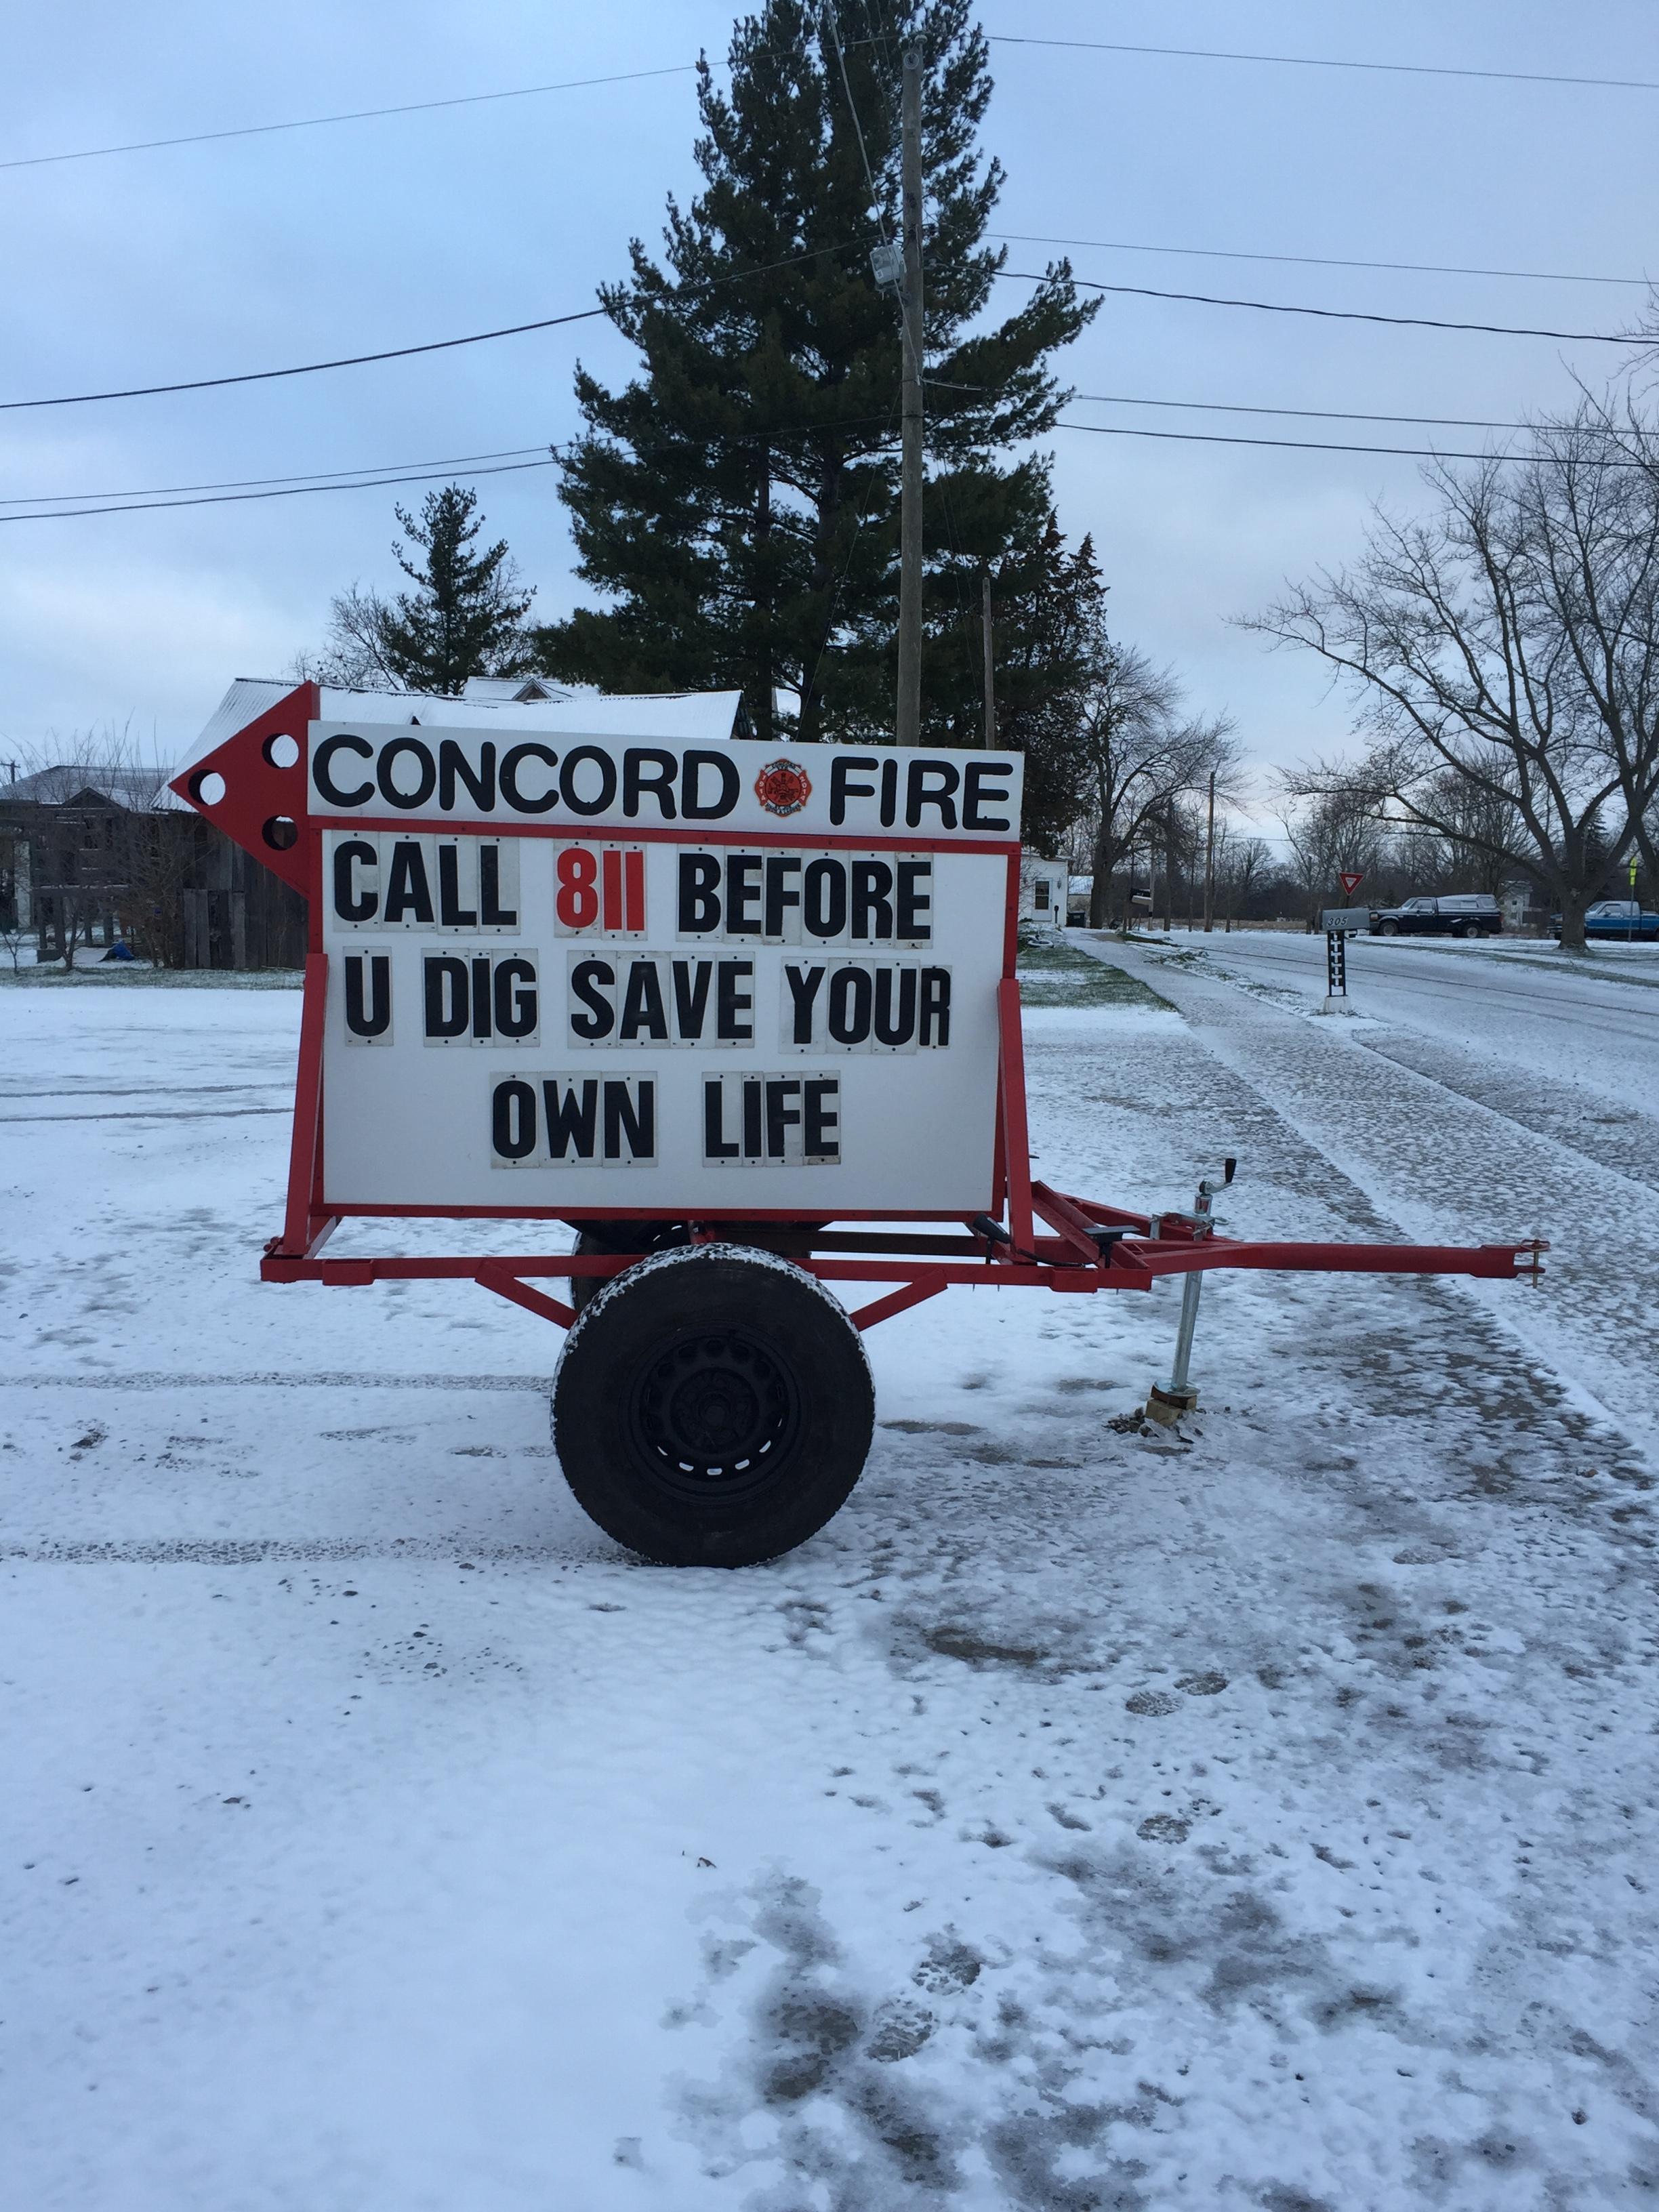 Concord Volunteer Fire Department